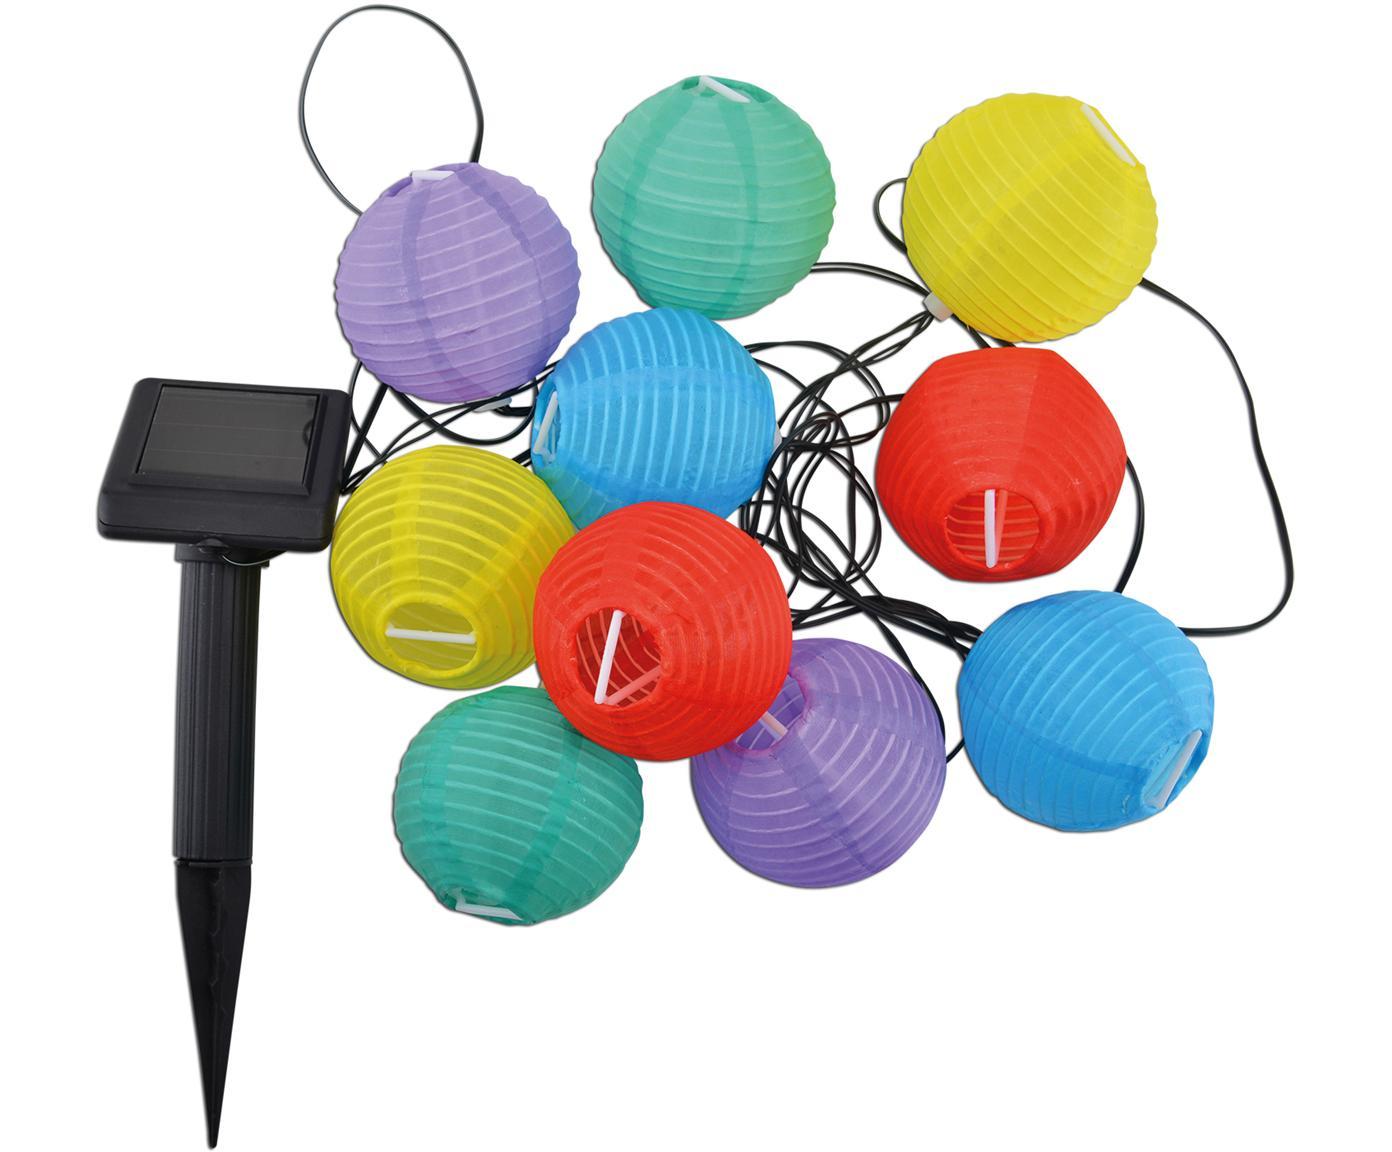 LED lichtslinger Lampion, Kunststof, Multicolour, L 380 cm